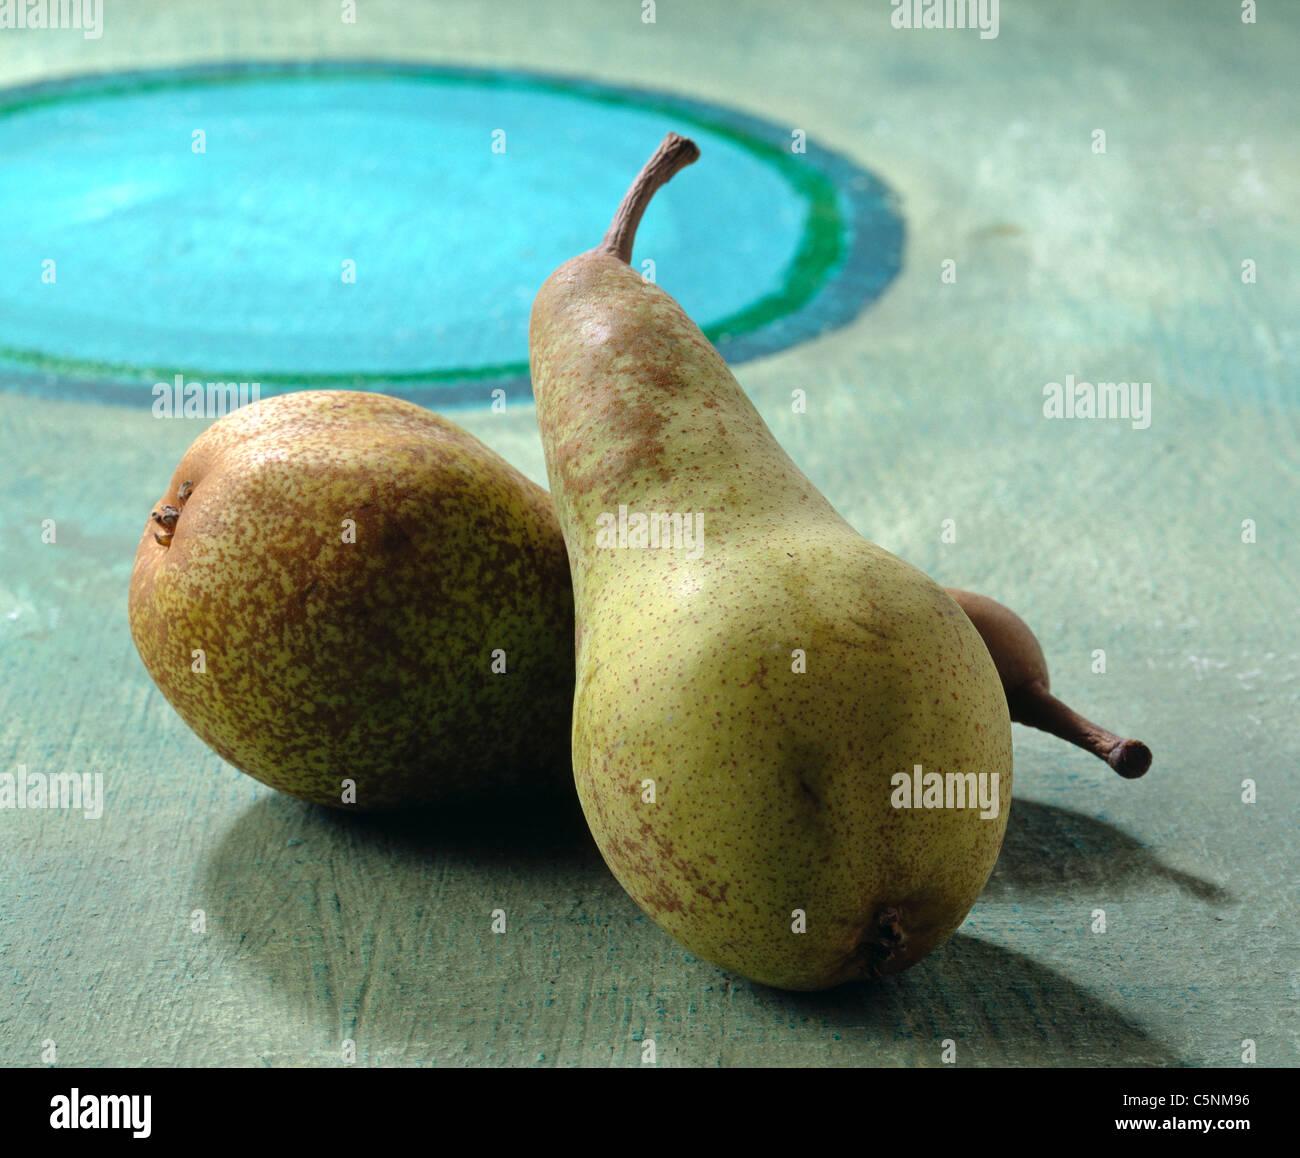 Dos peras en una mesa de madera Imagen De Stock